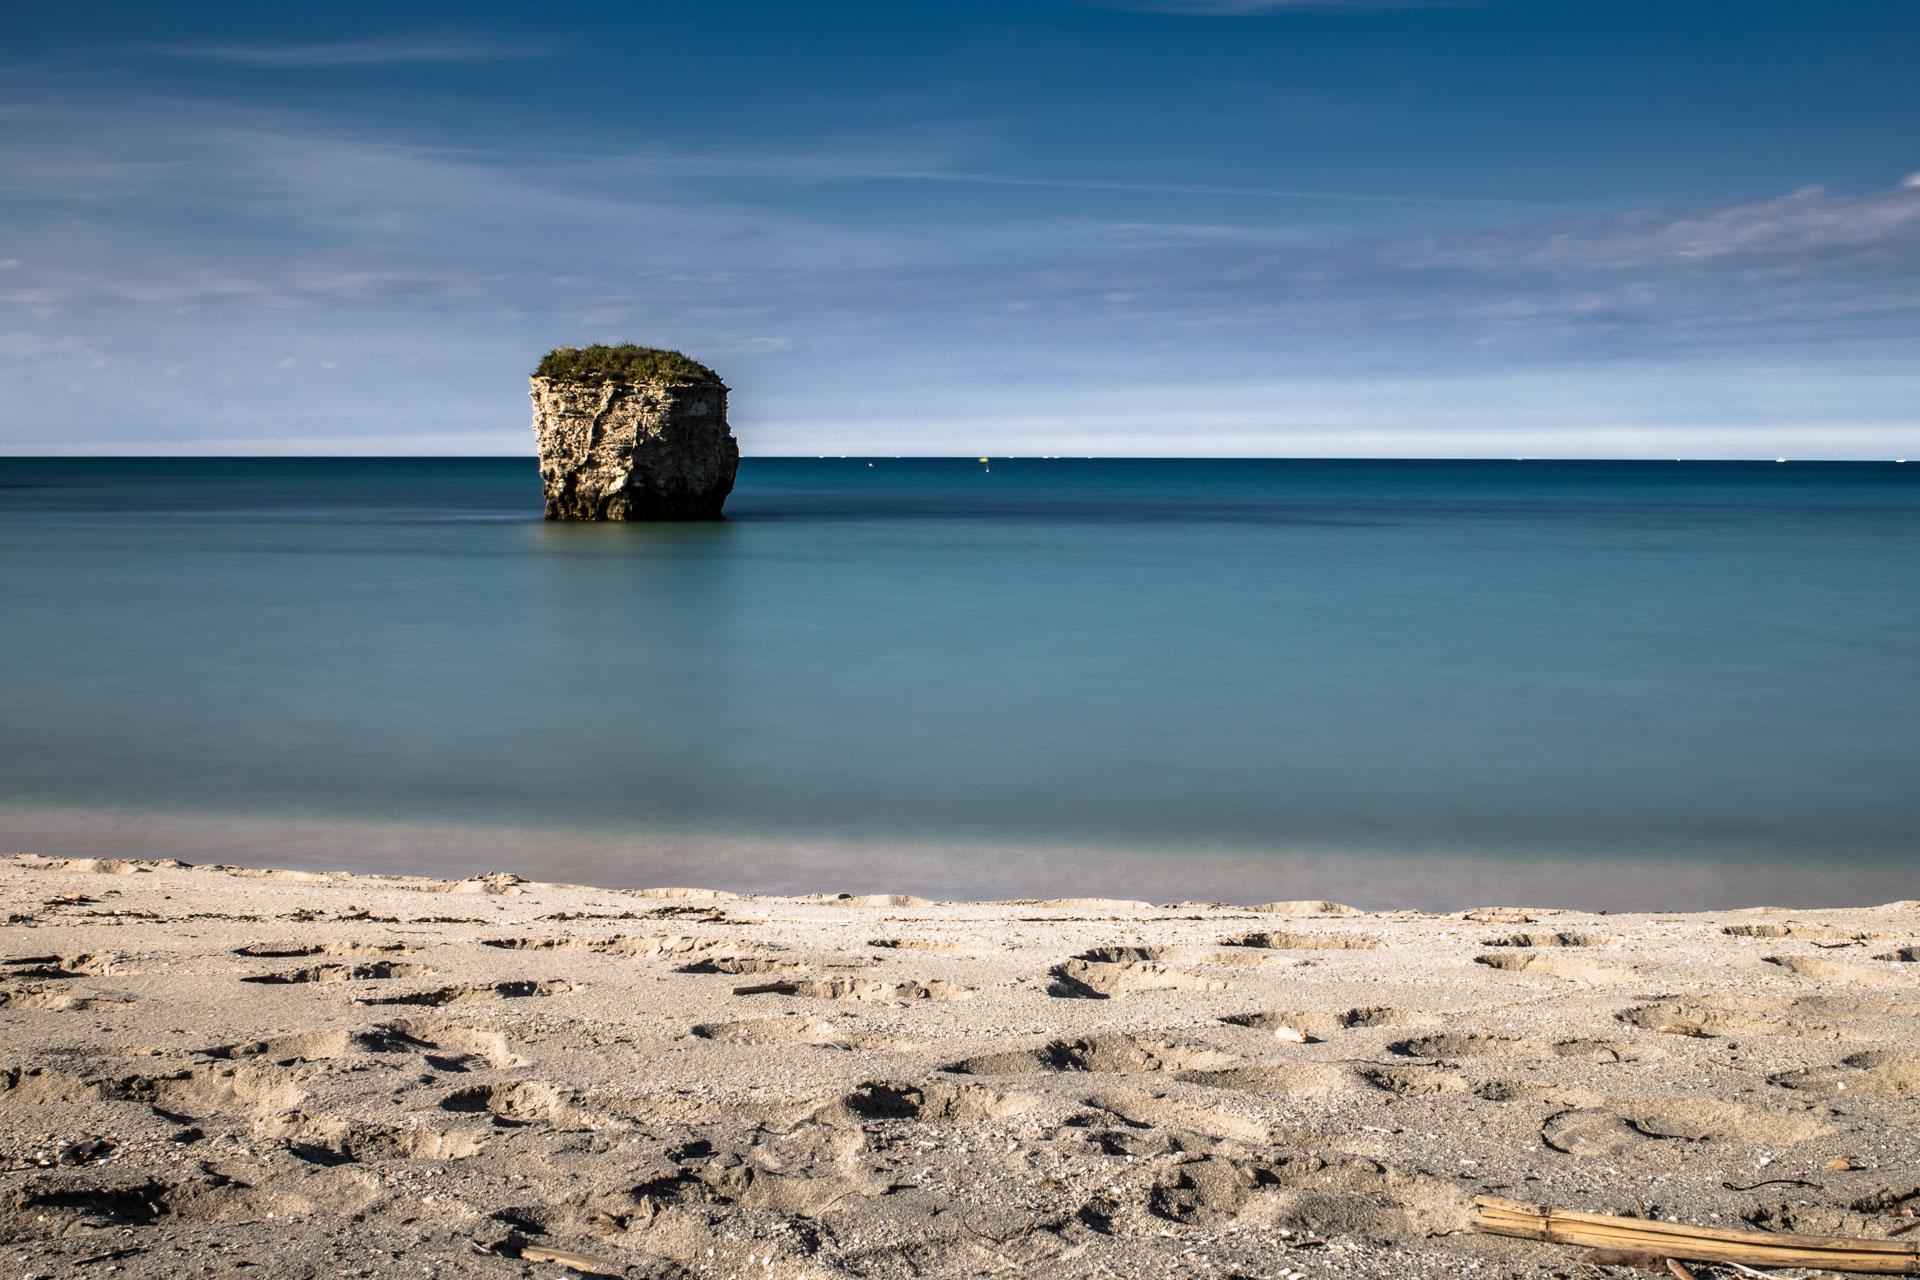 Spiaggia e scoglio in mare, seascape long exposure photography